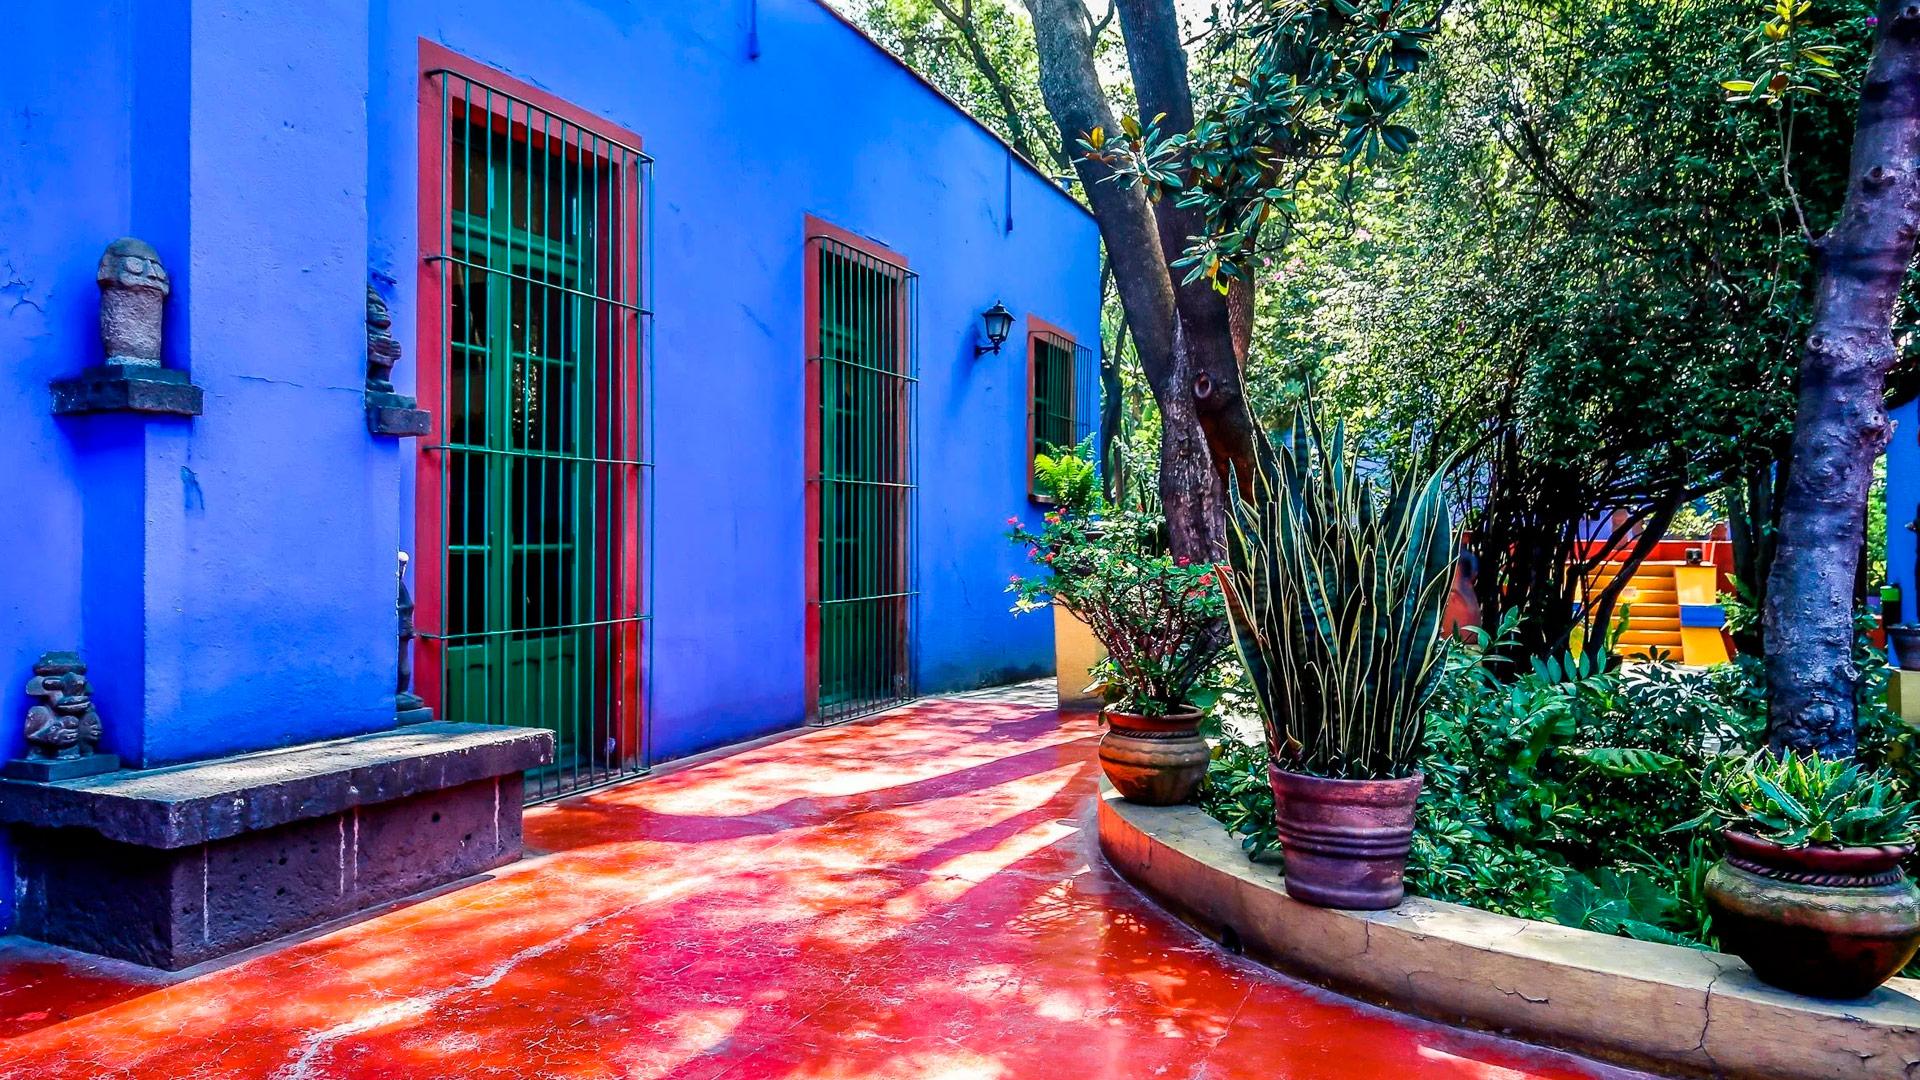 El Hogar De Frida Kahlo Dtn